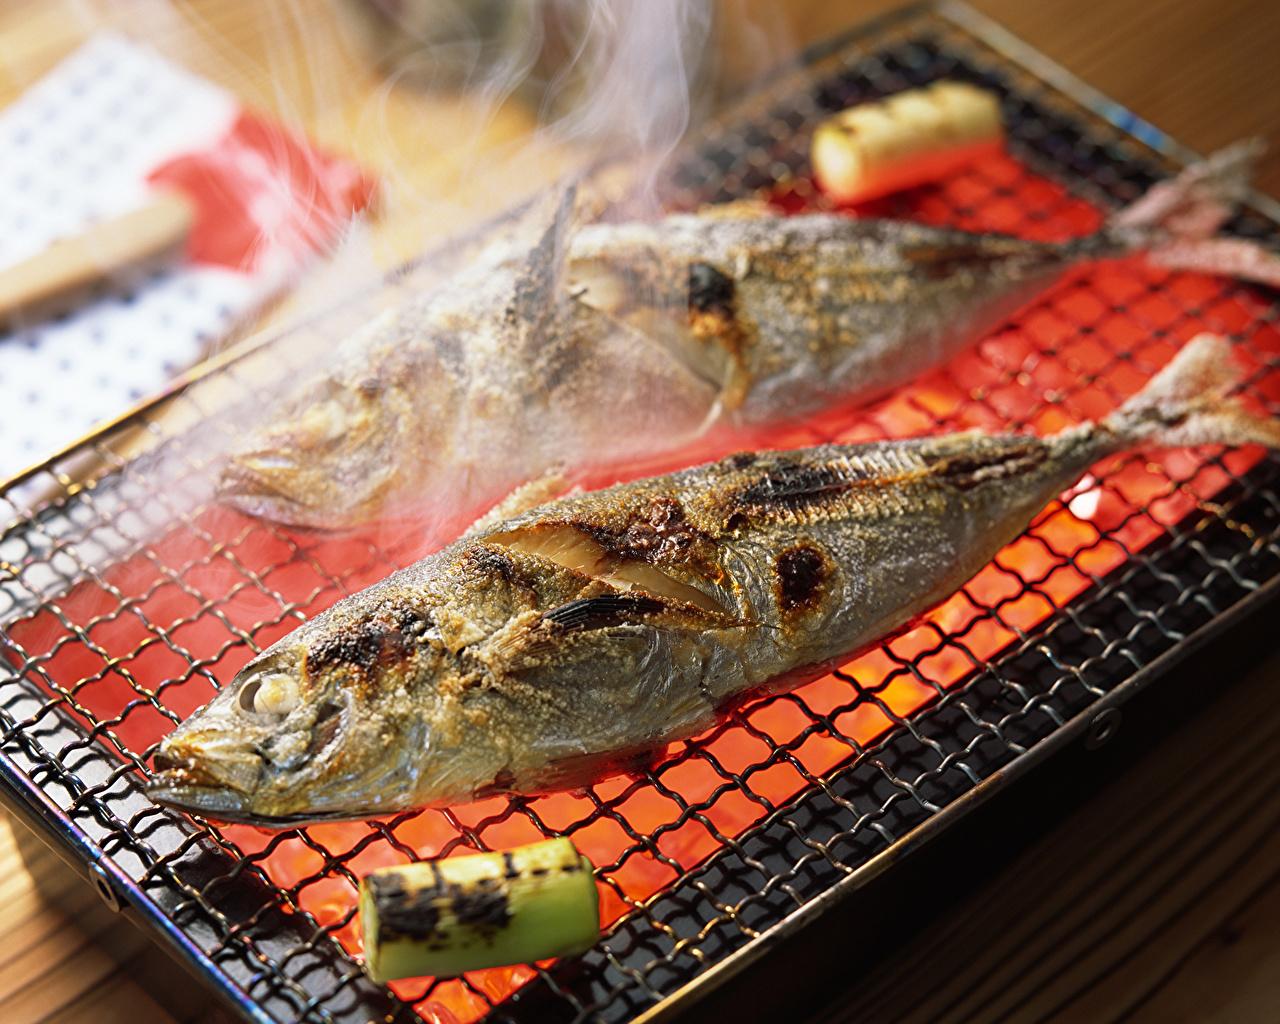 Картинка Рыба Продукты питания Морепродукты Еда Пища